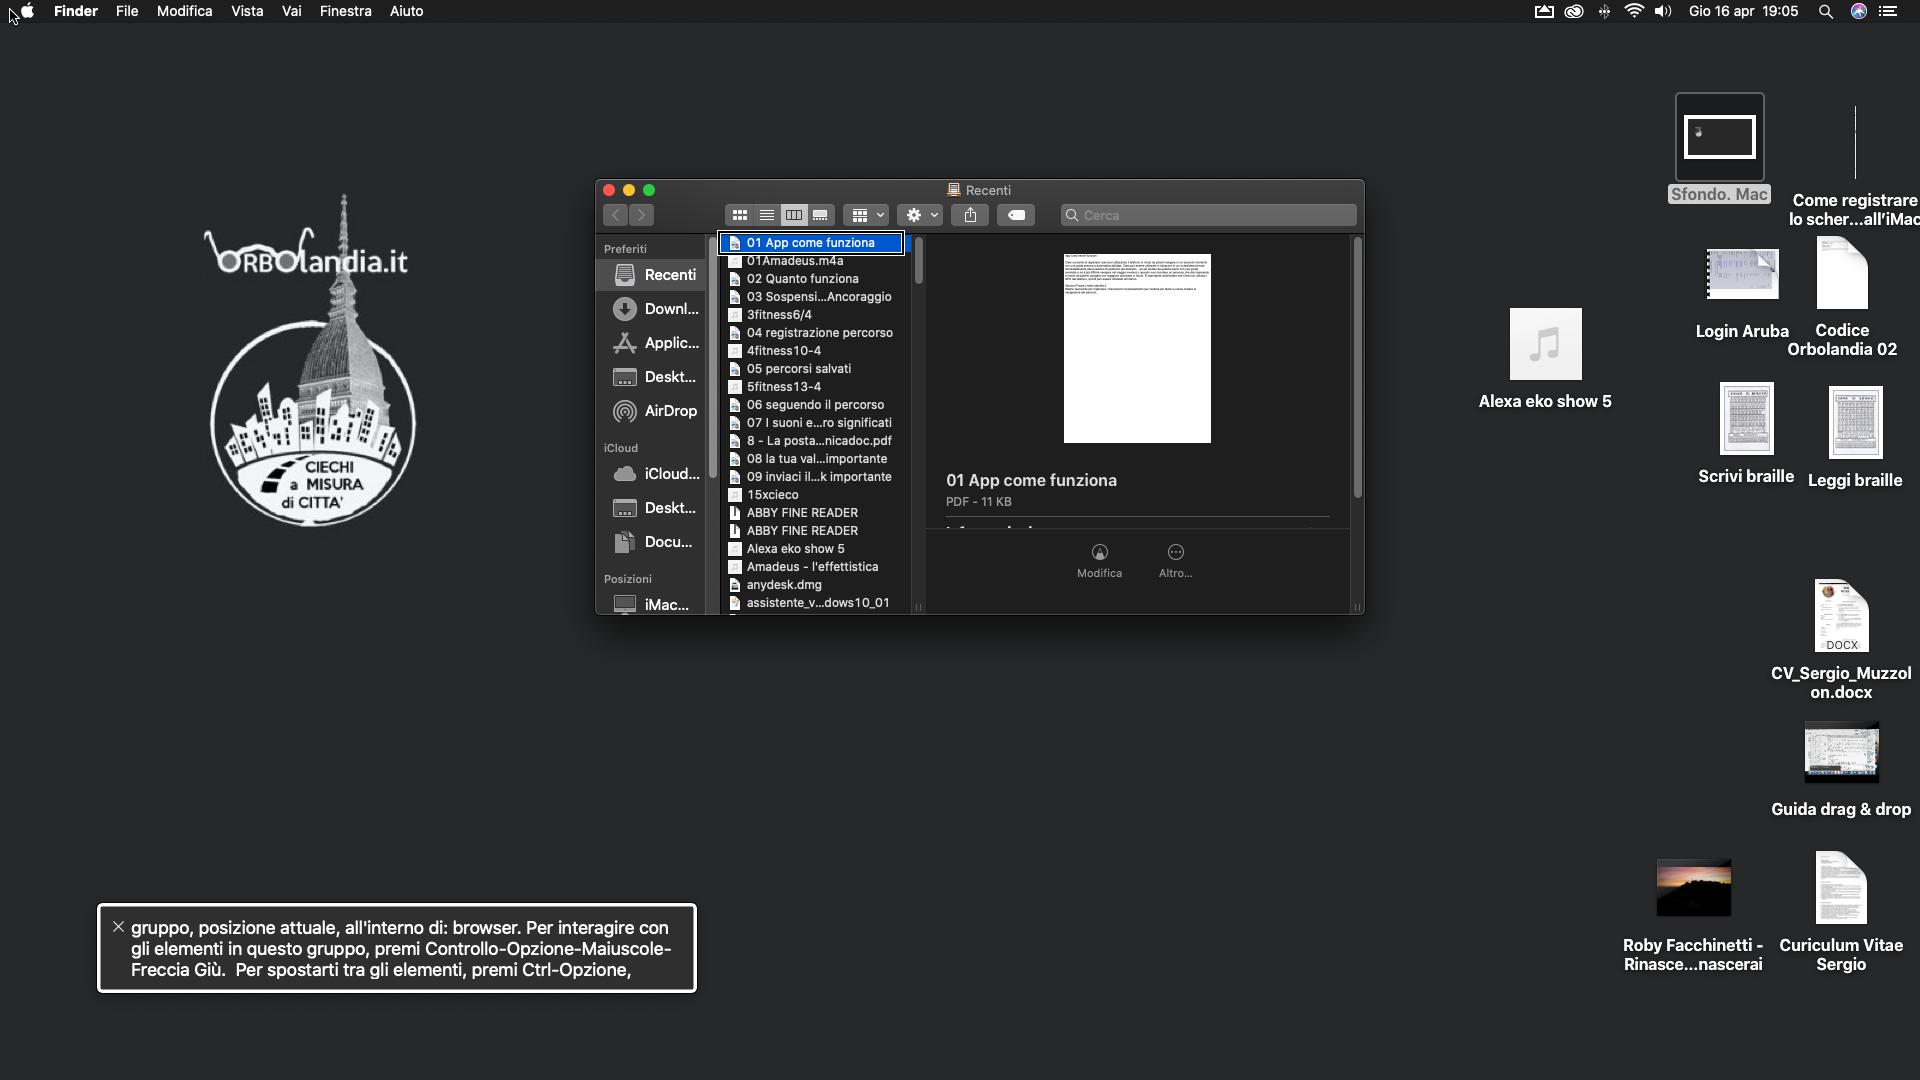 screenshot dello schermo di un iMac